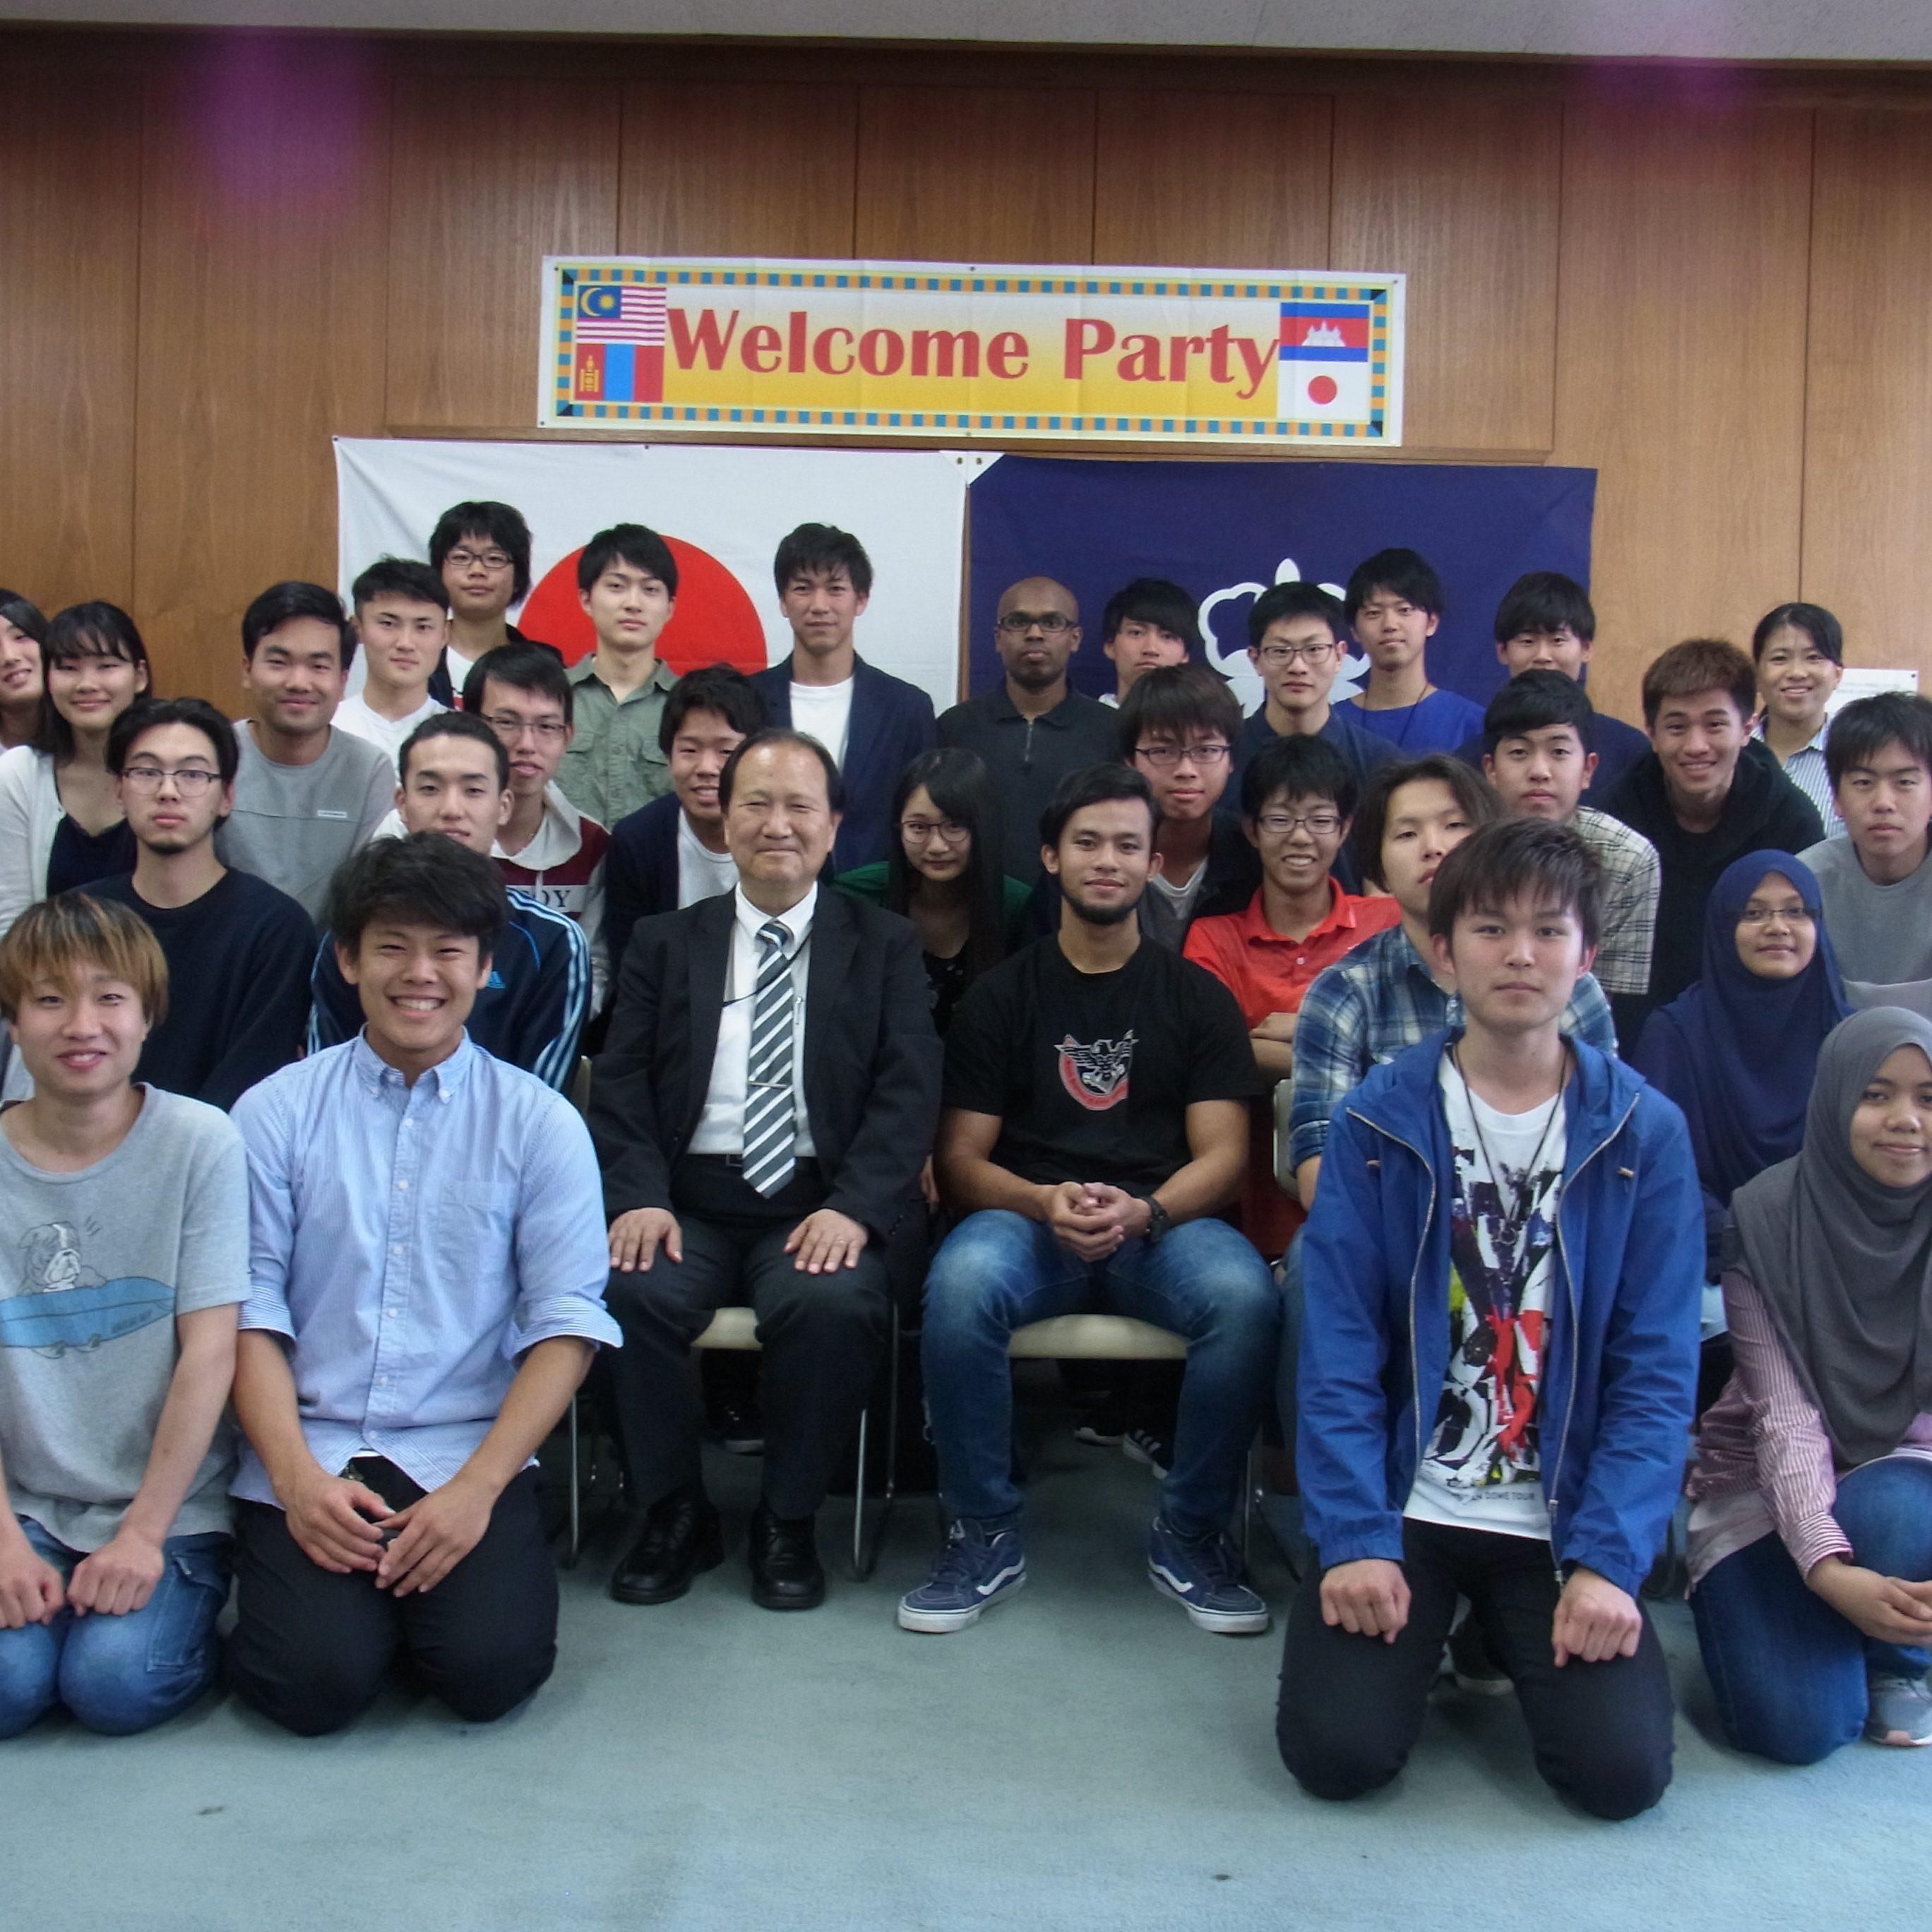 新留学生の歓迎会を開催しました